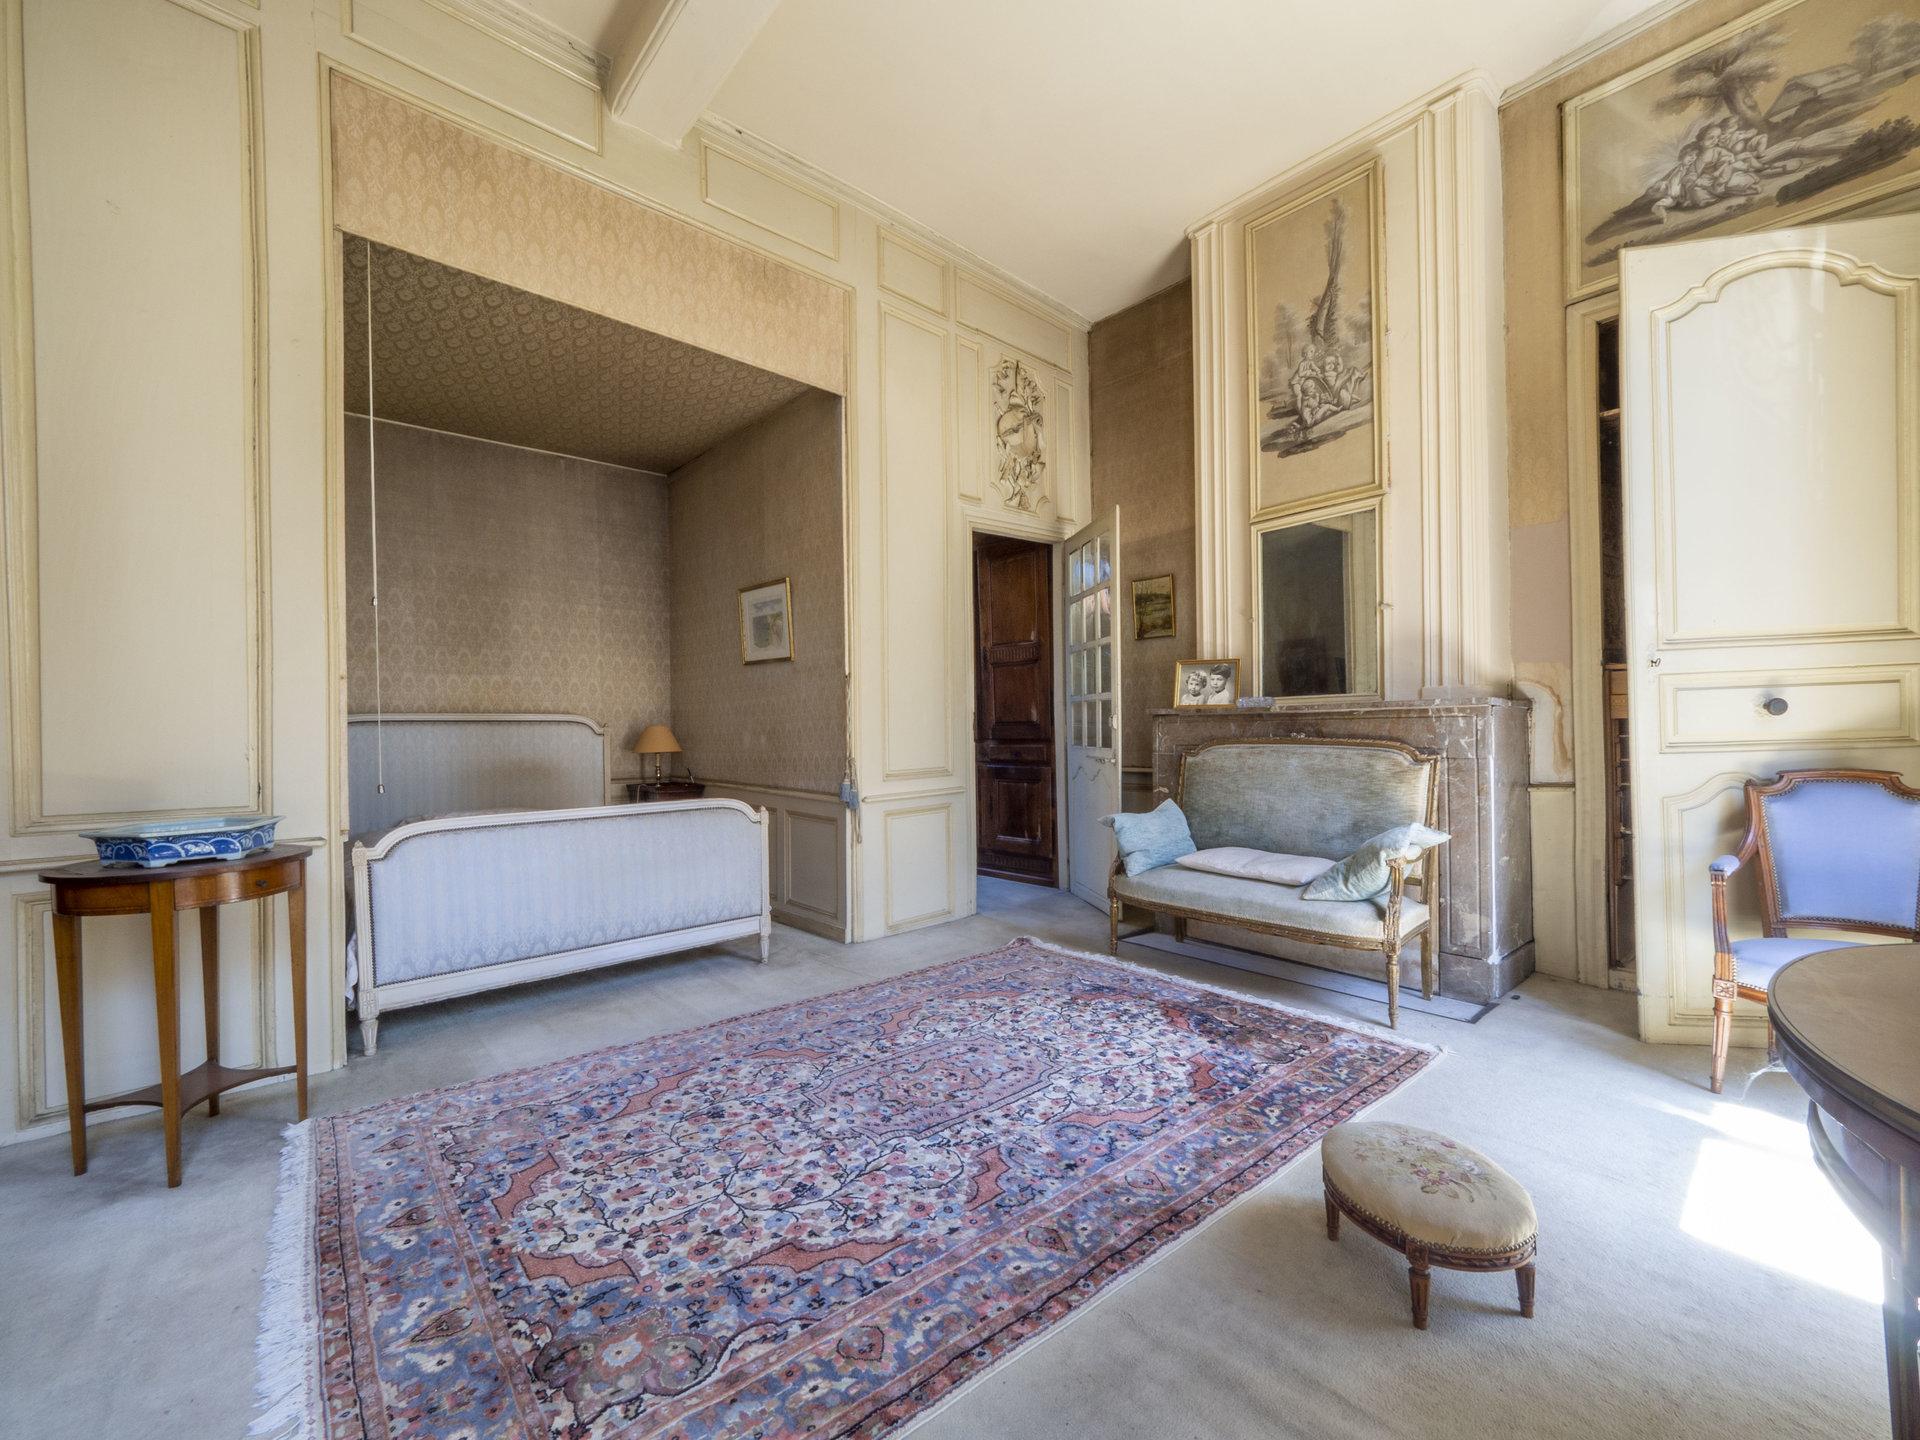 Hotel particulier de 600m2 en plein bourg d'Orthez